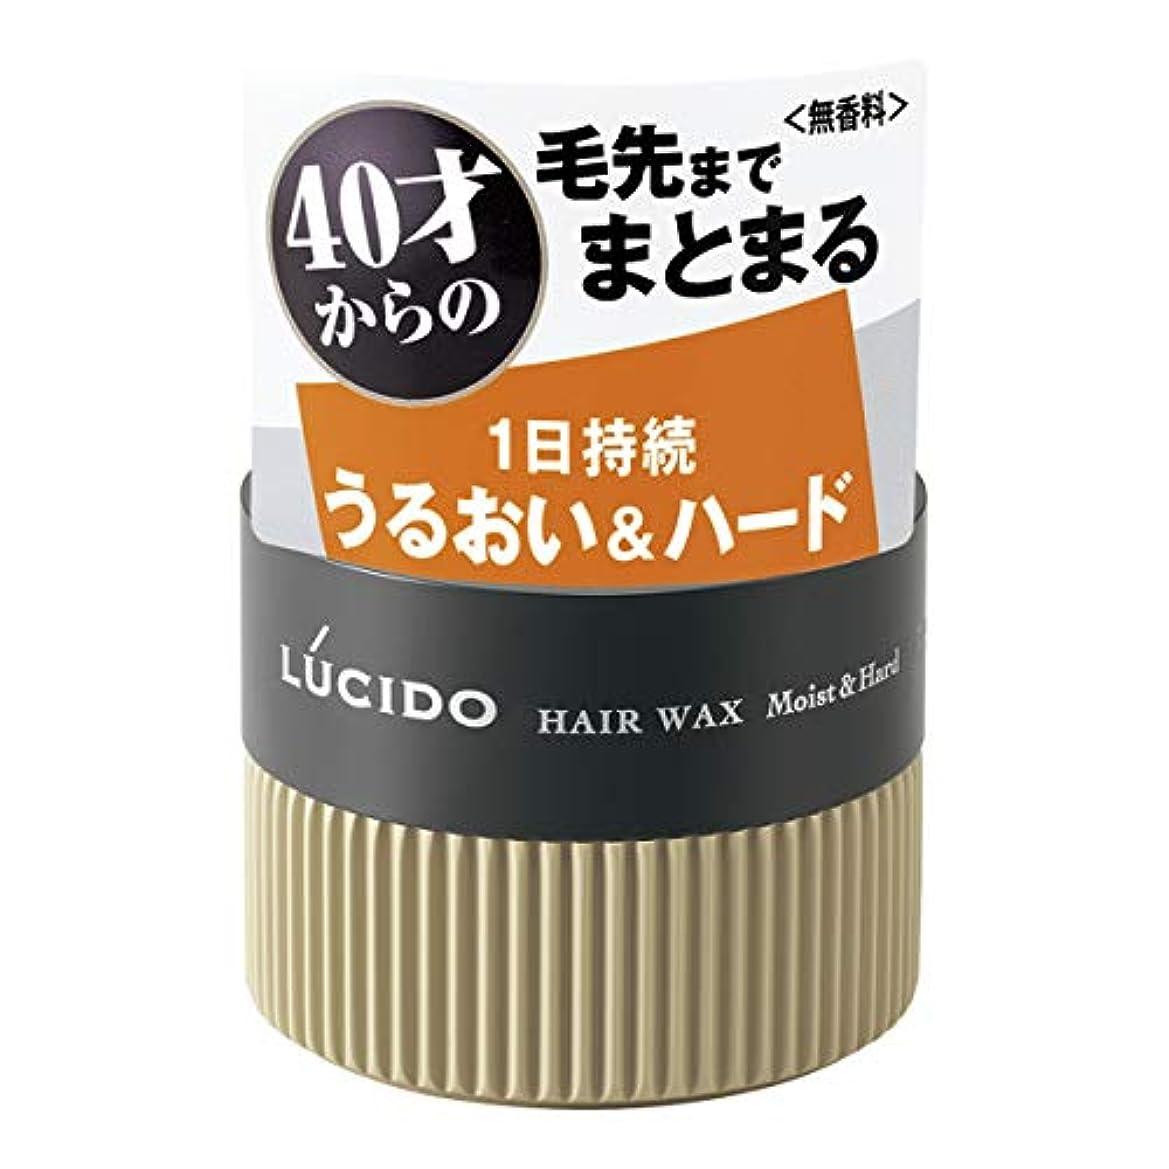 お風呂シリーズ抱擁LUCIDO(ルシード) ヘアワックス まとまり&ハード 80g